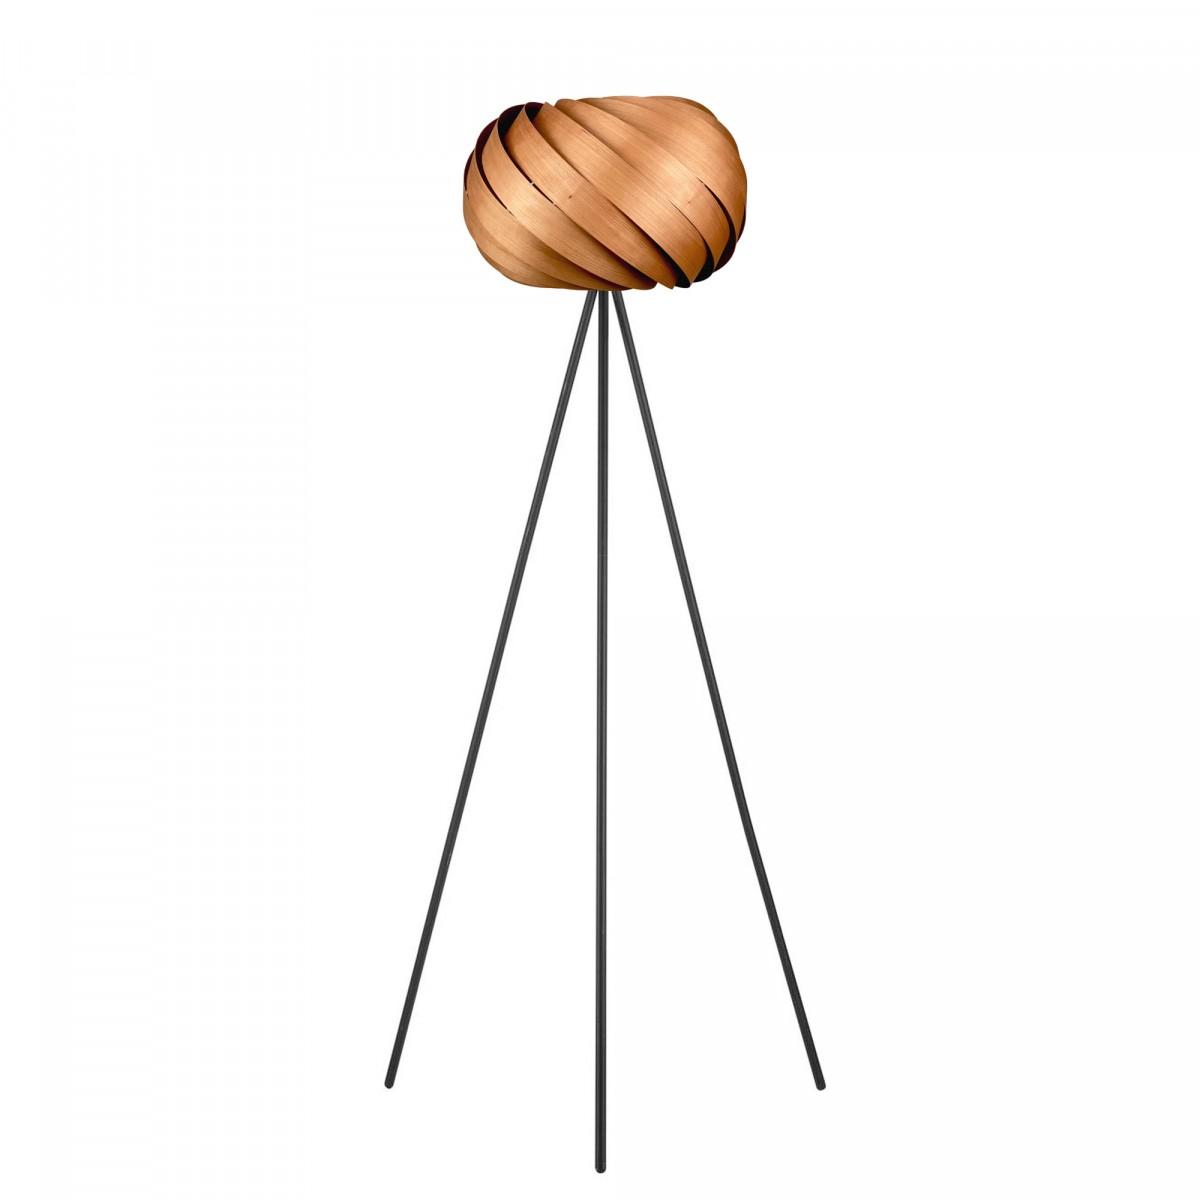 Tripod-Stehleuchte - Kollektion 'Quiescenta' aus Kirschbaum